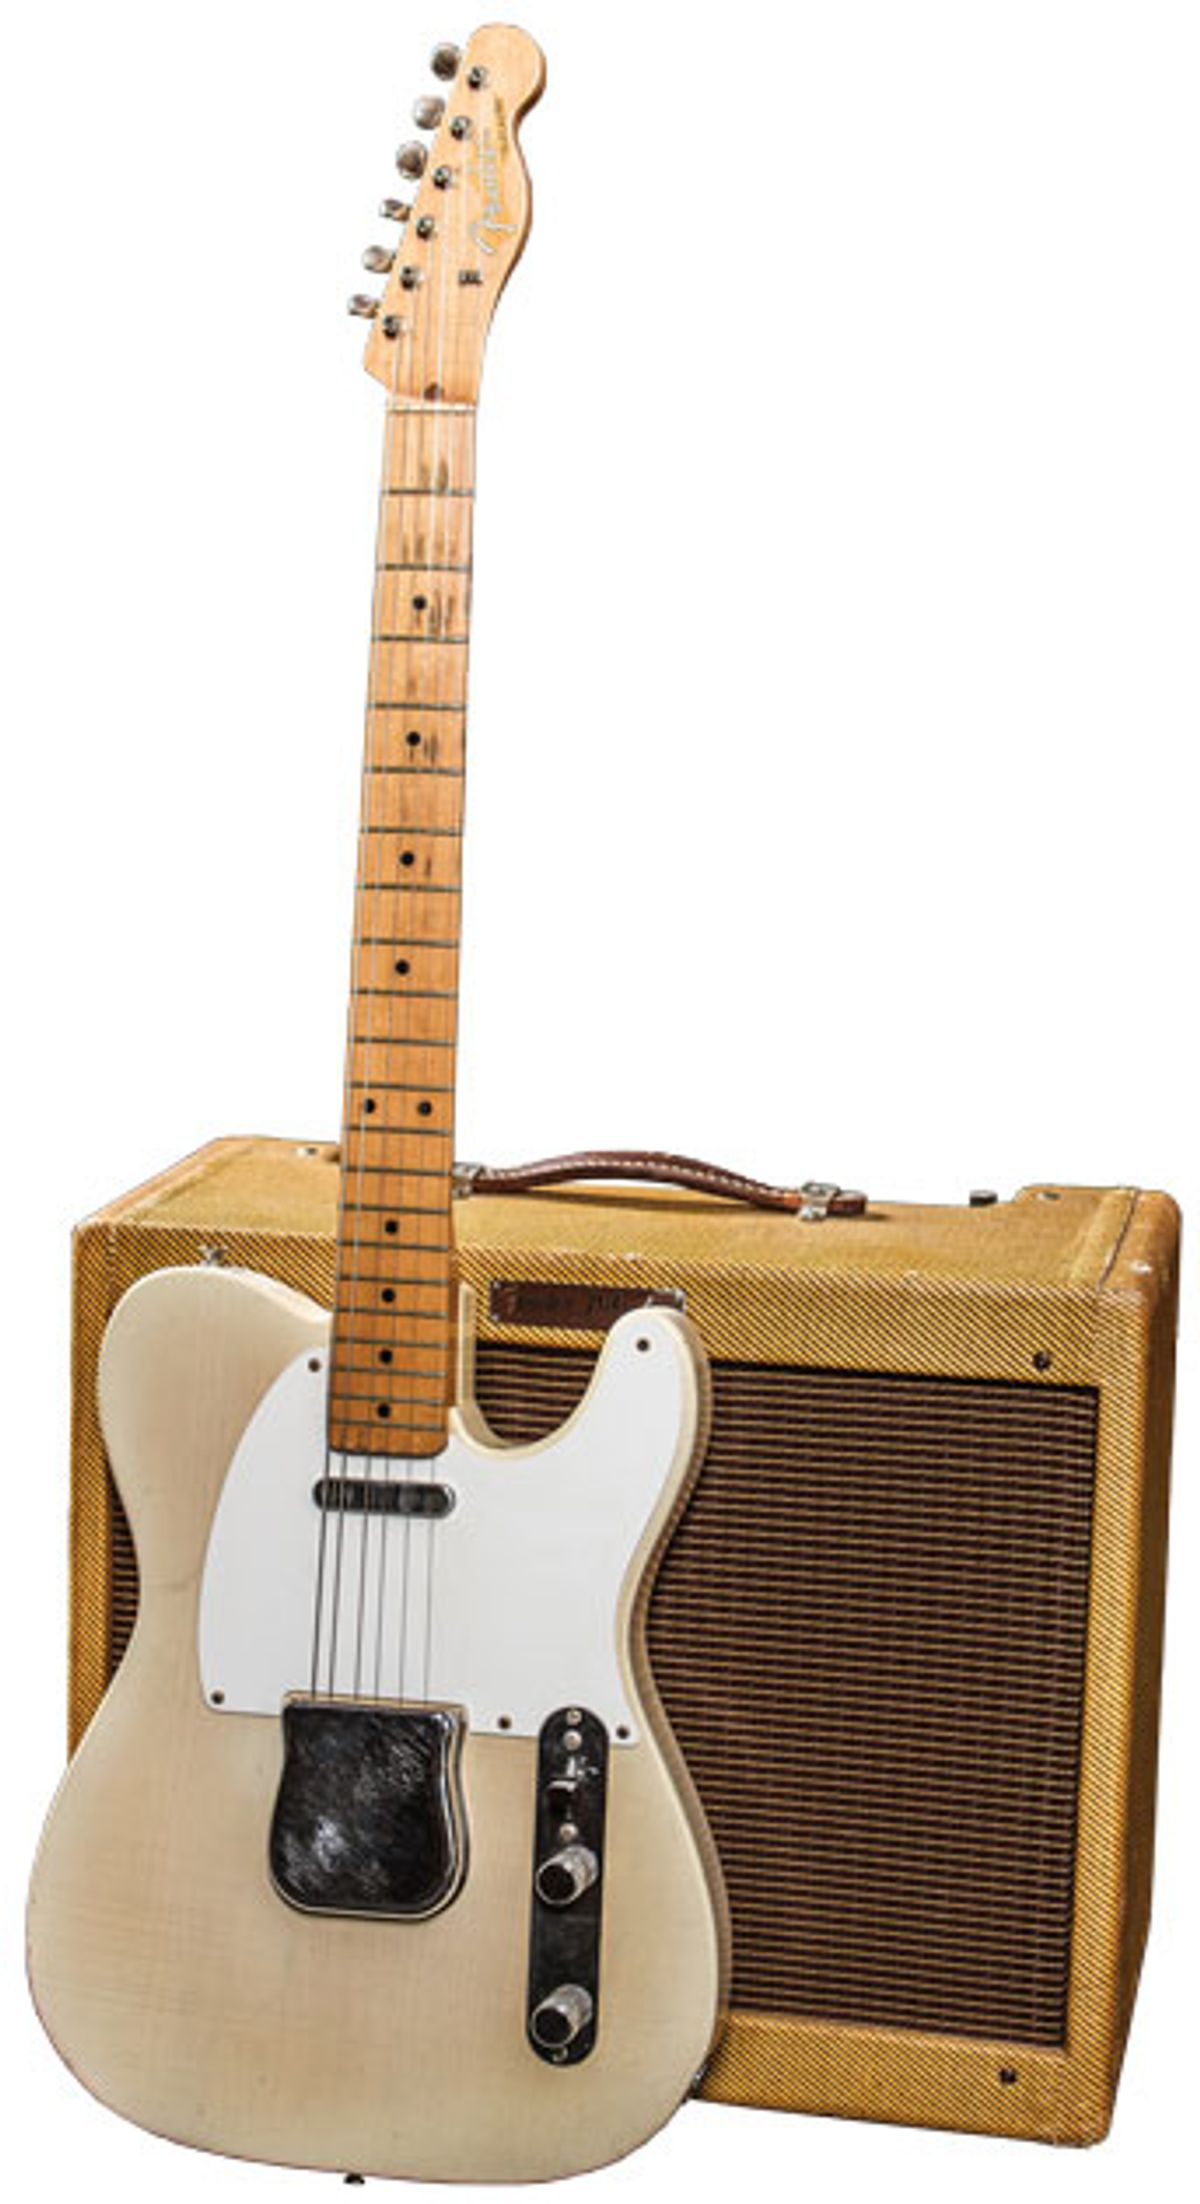 Vintage Vault: 1958 Fender Top-Loading Telecaster